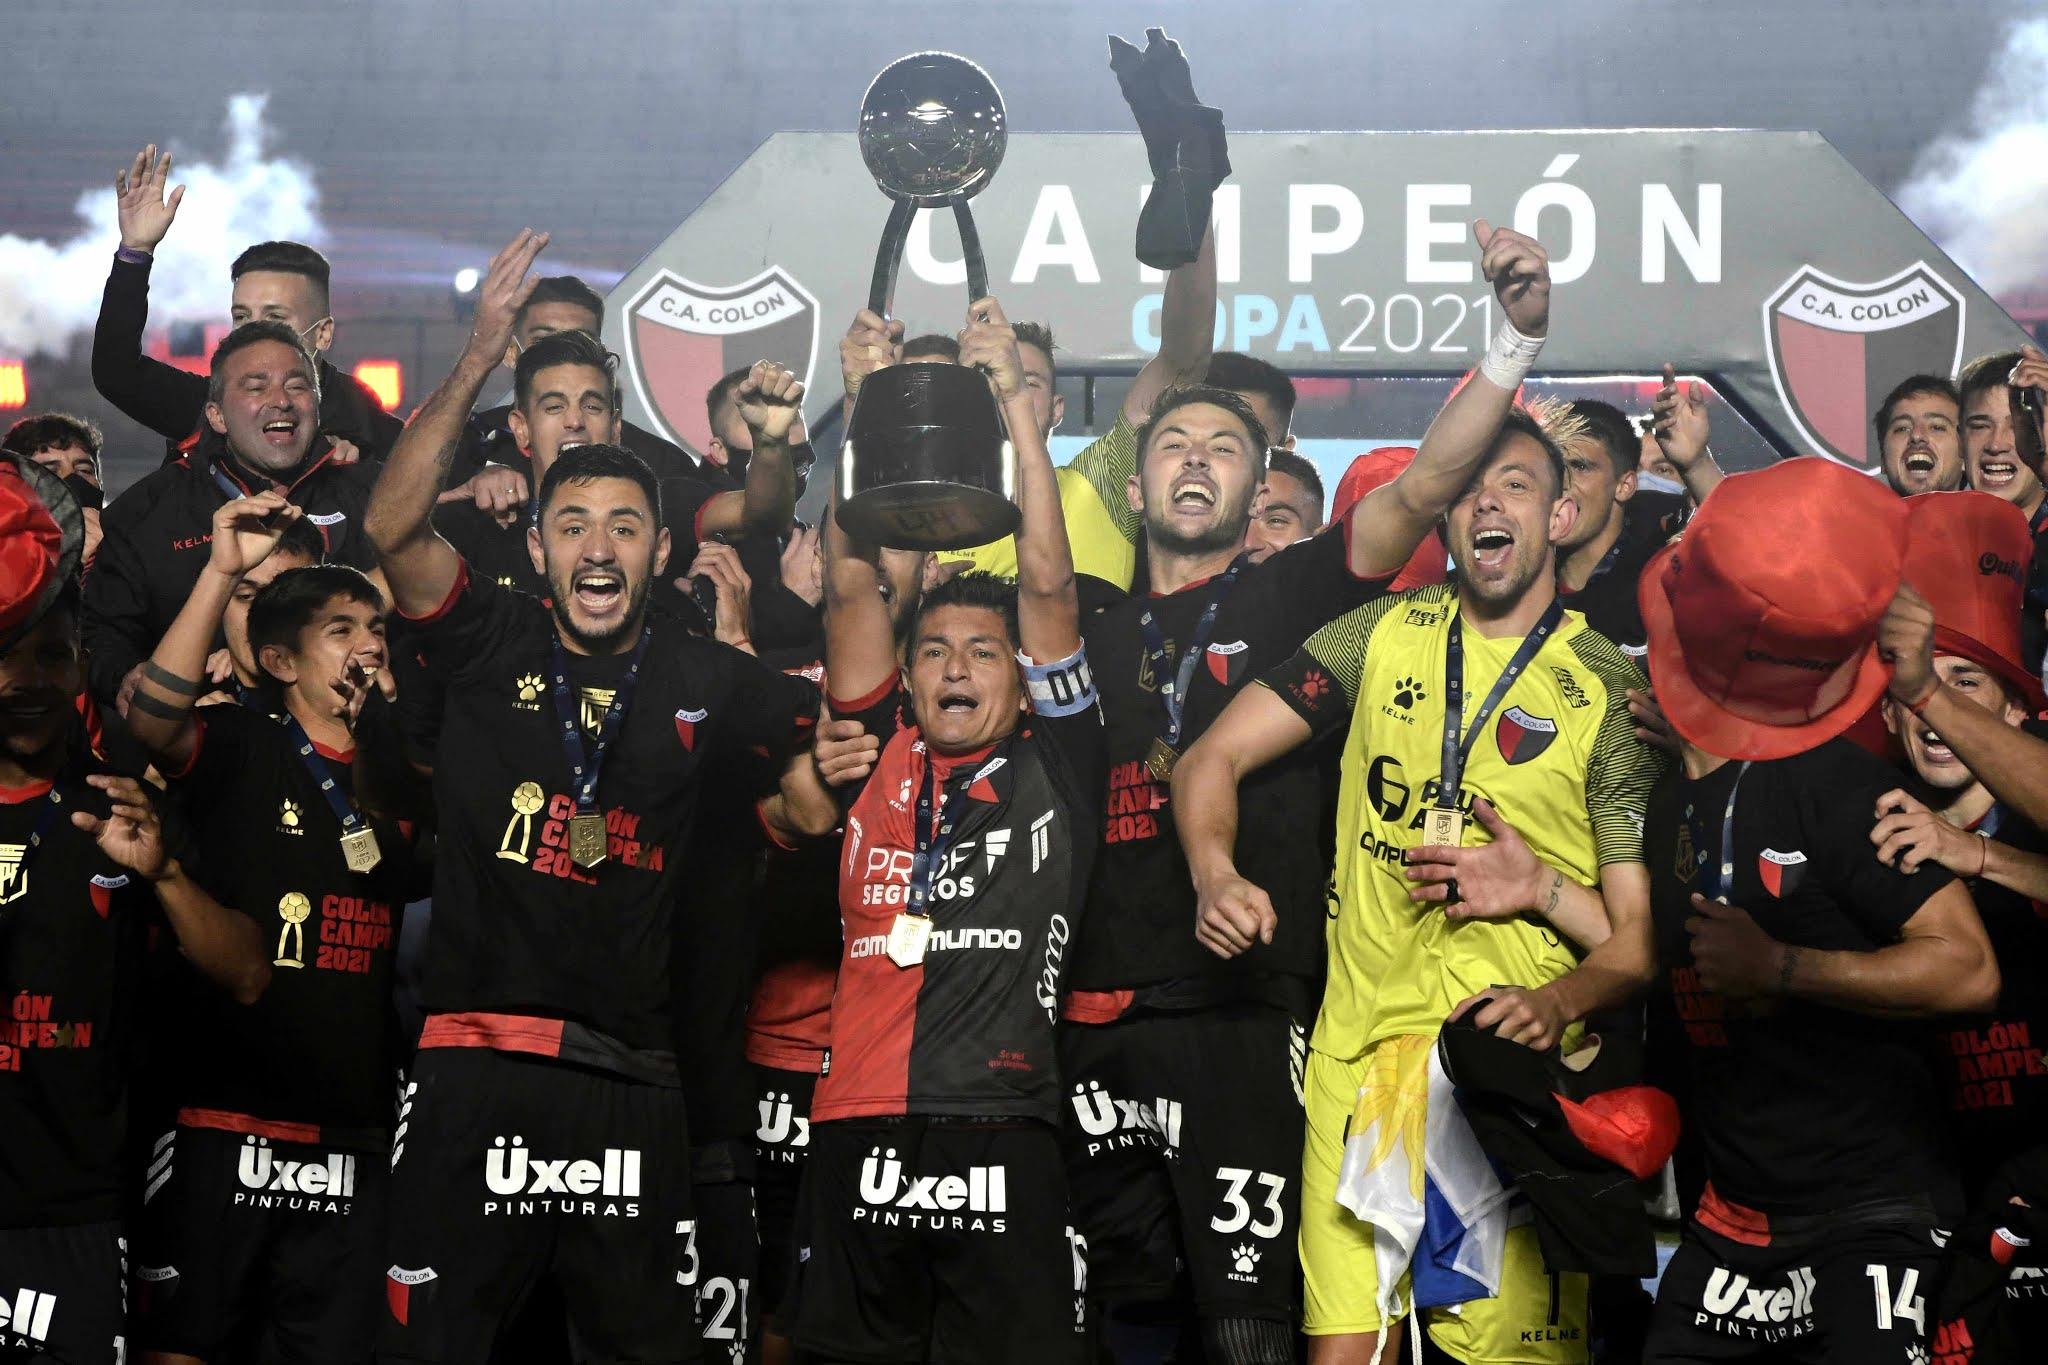 Colón goleó a Racing y salió campeón por primera vez en su historia